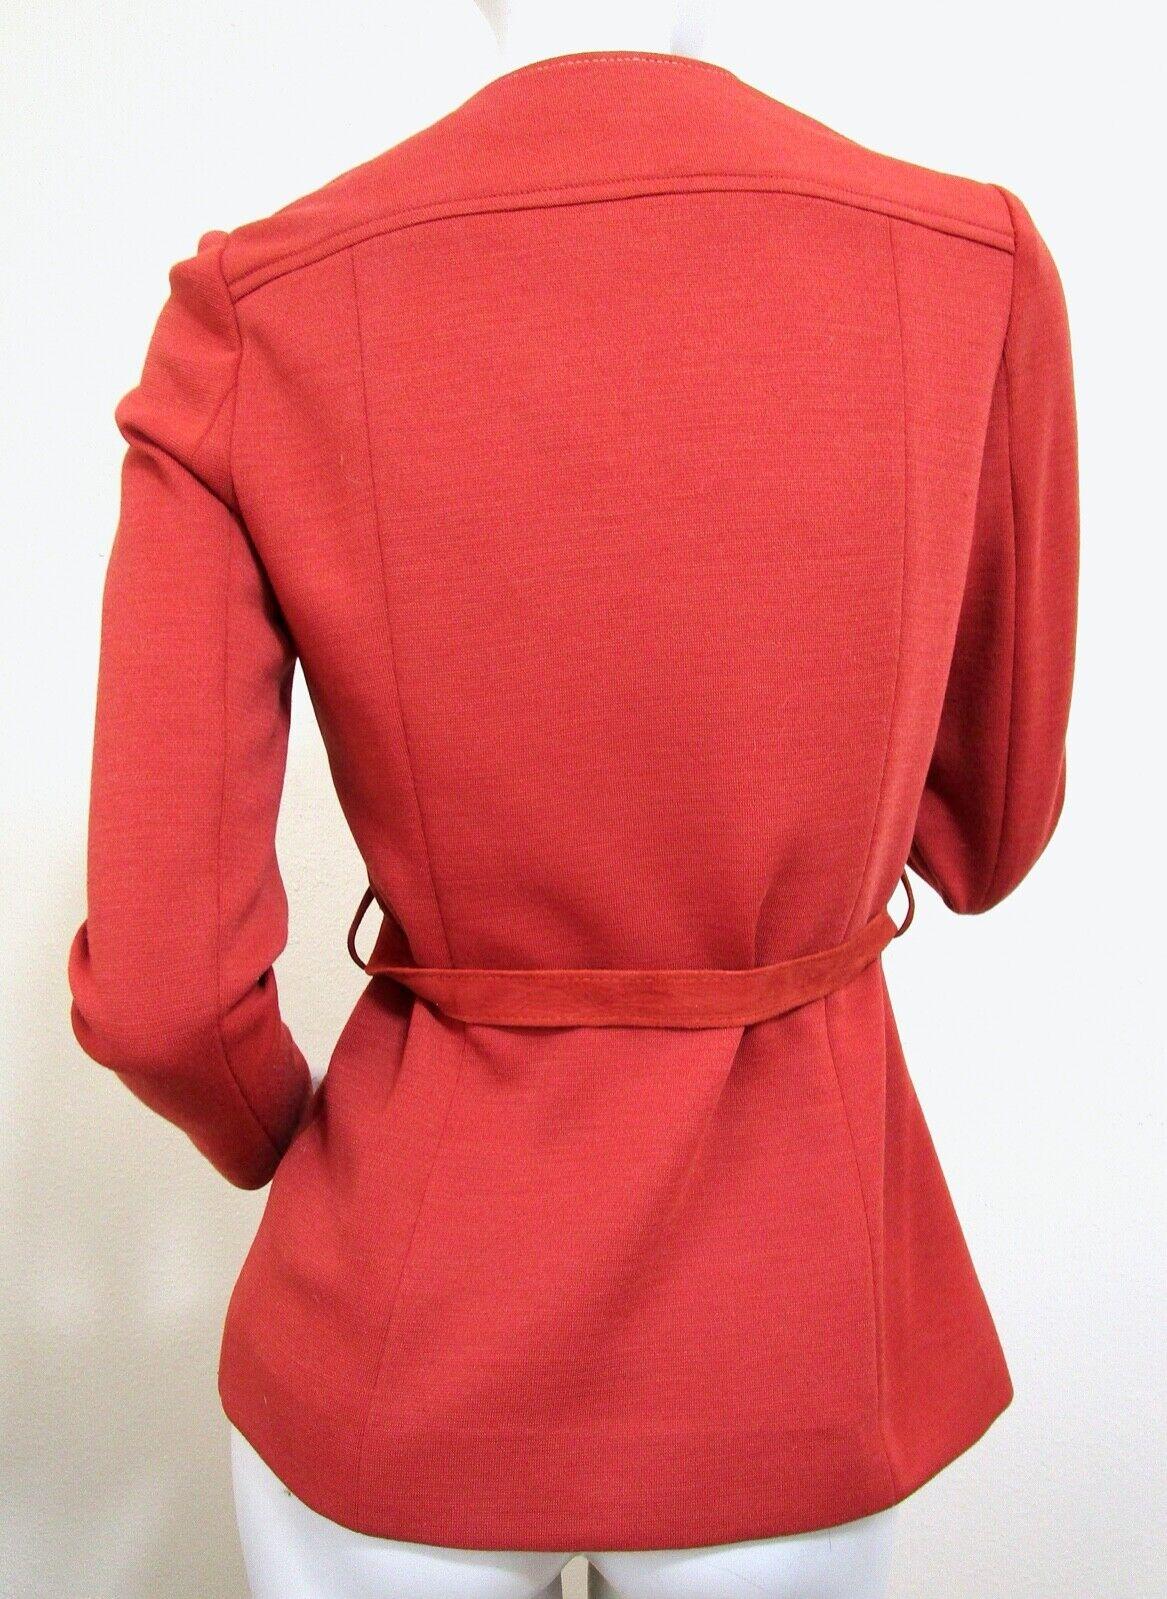 Vintage 70s Mod Orange PSI Leather Process Suede … - image 5